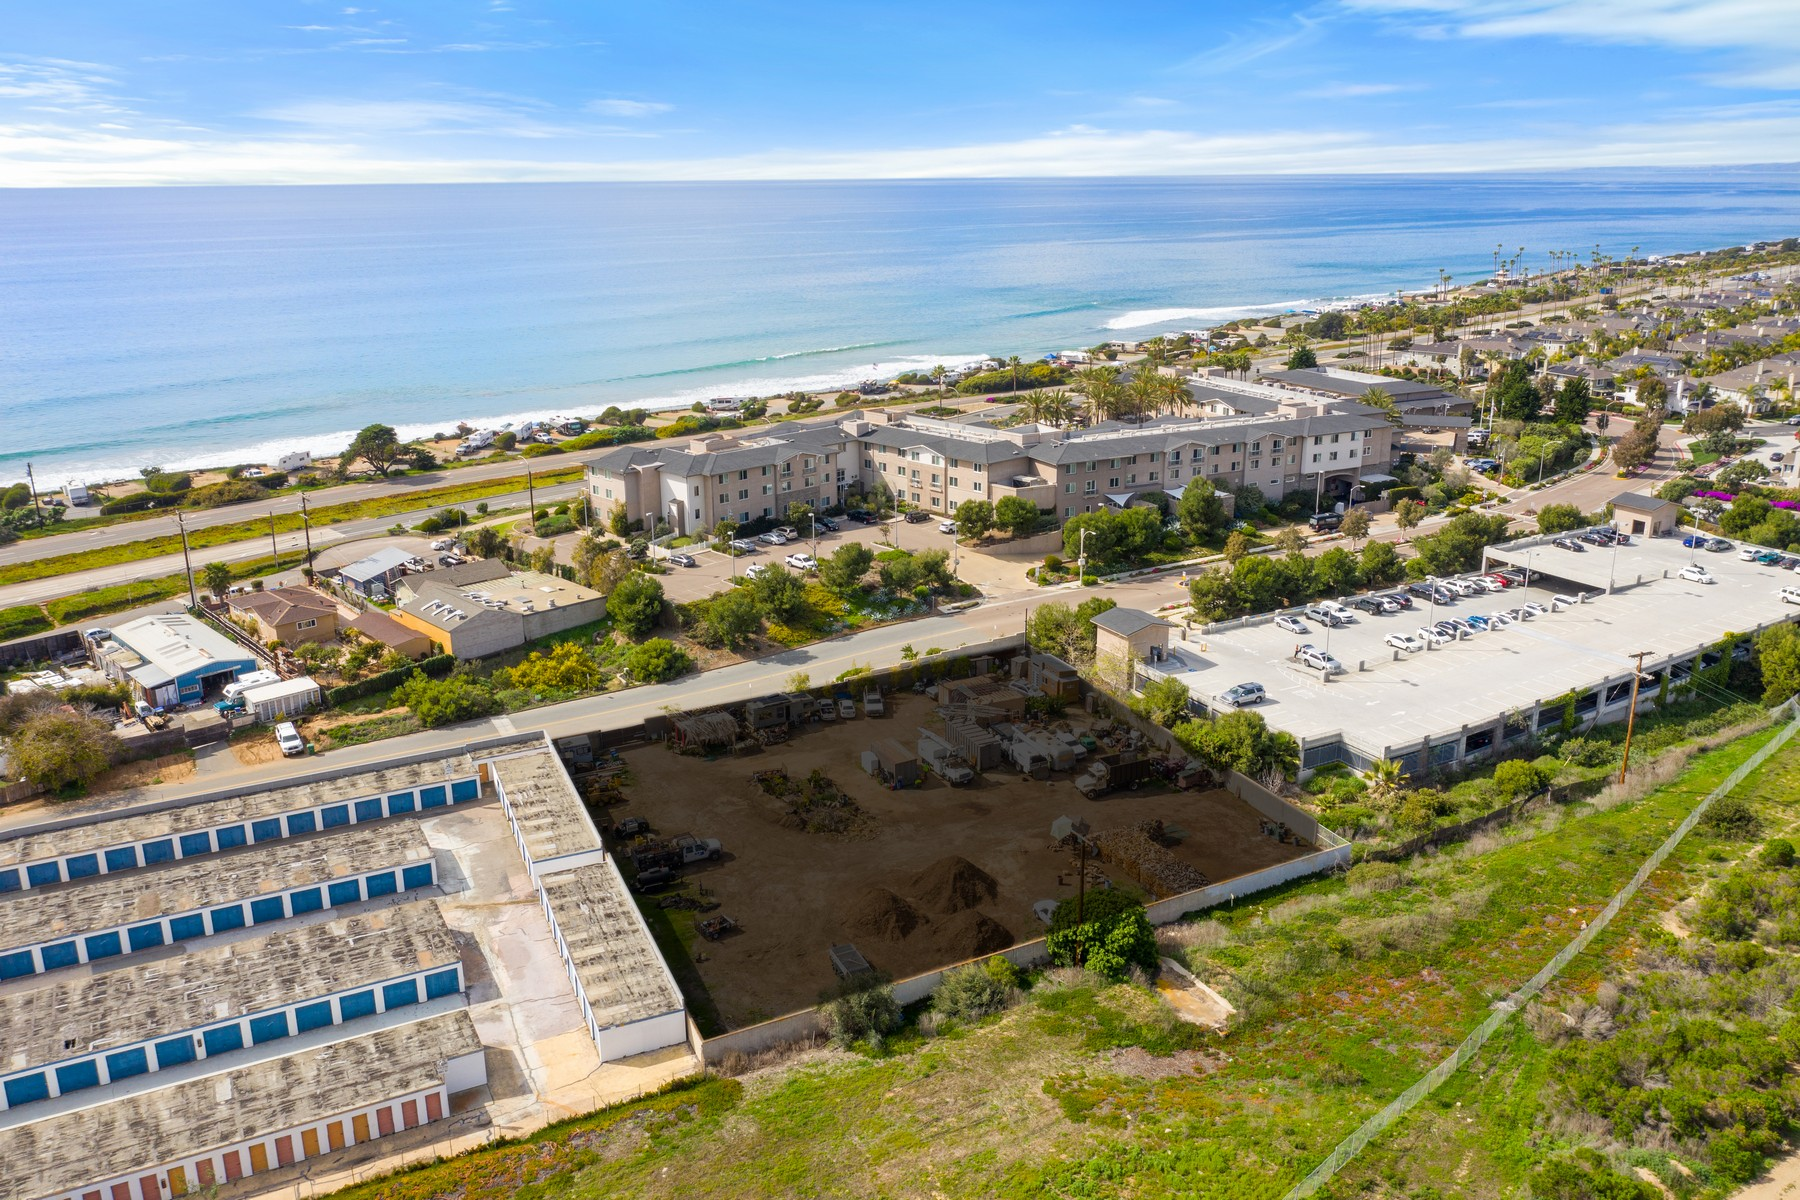 土地,用地 为 销售 在 7200 Ponto Drive 卡尔斯巴德, 加利福尼亚州 92011 美国